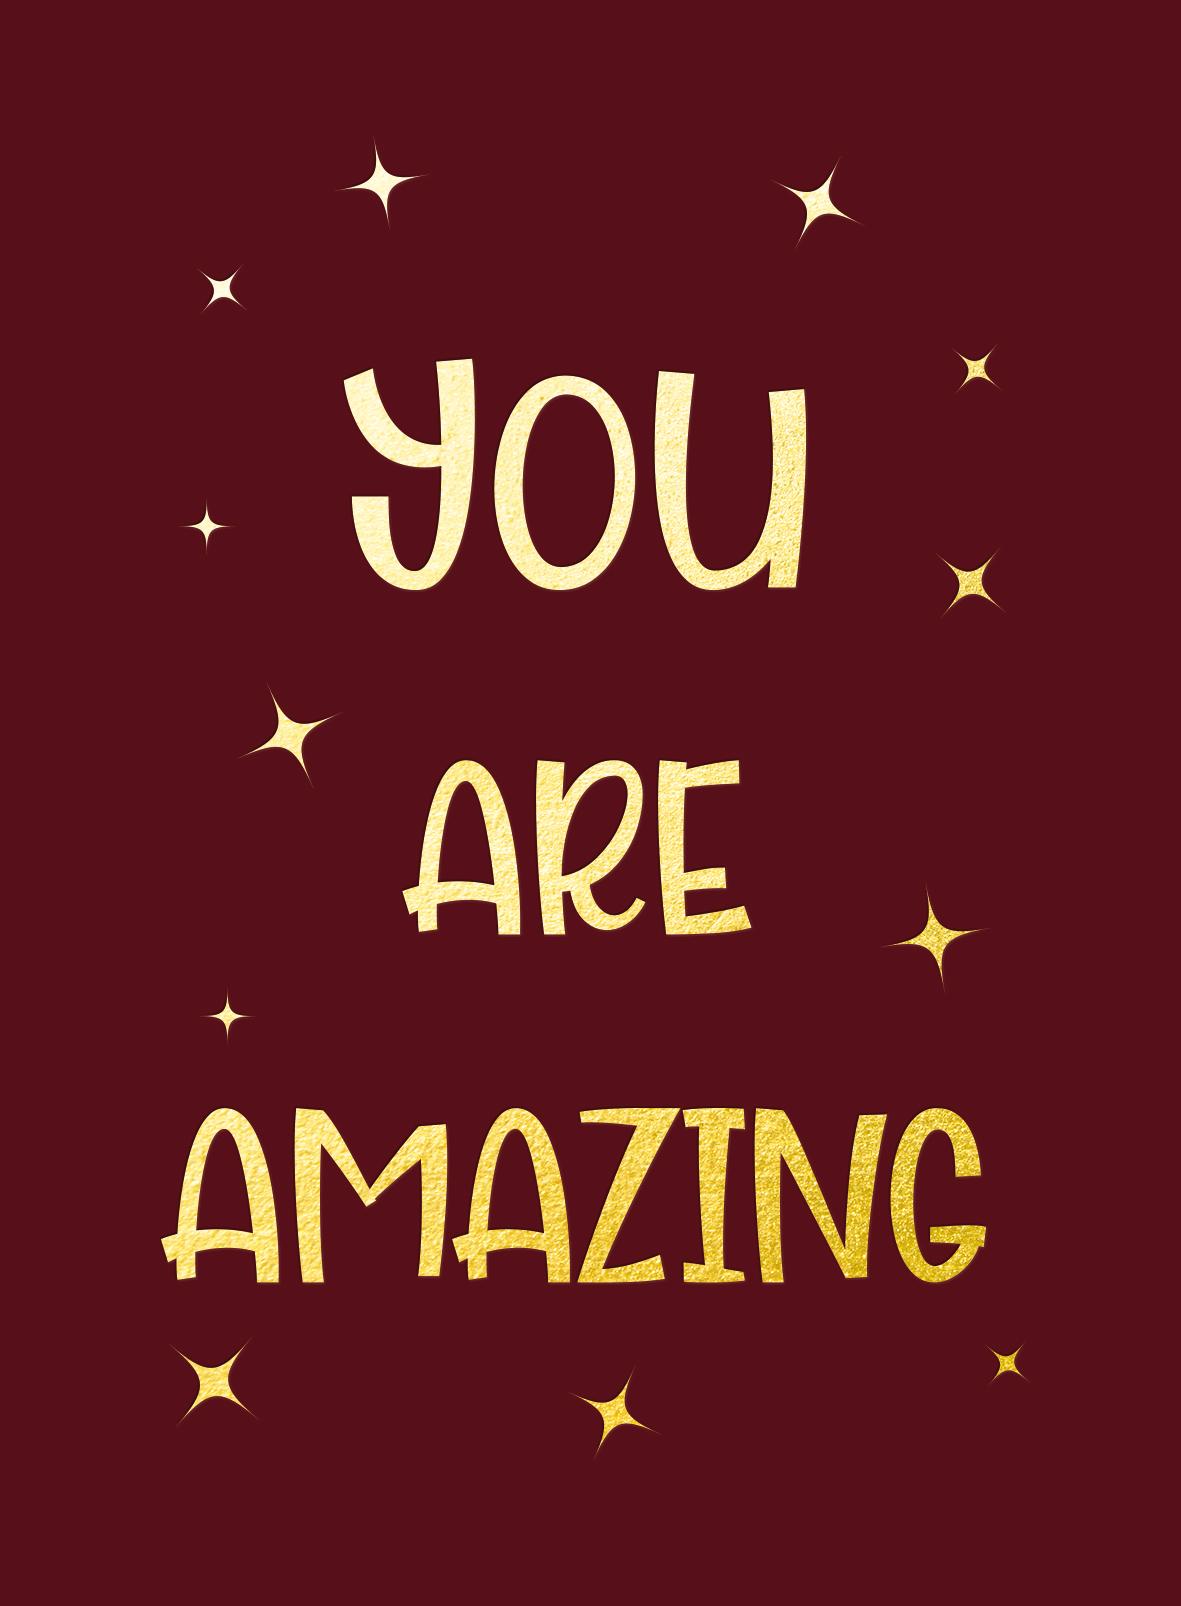 You are amazing - Cadeauboeken